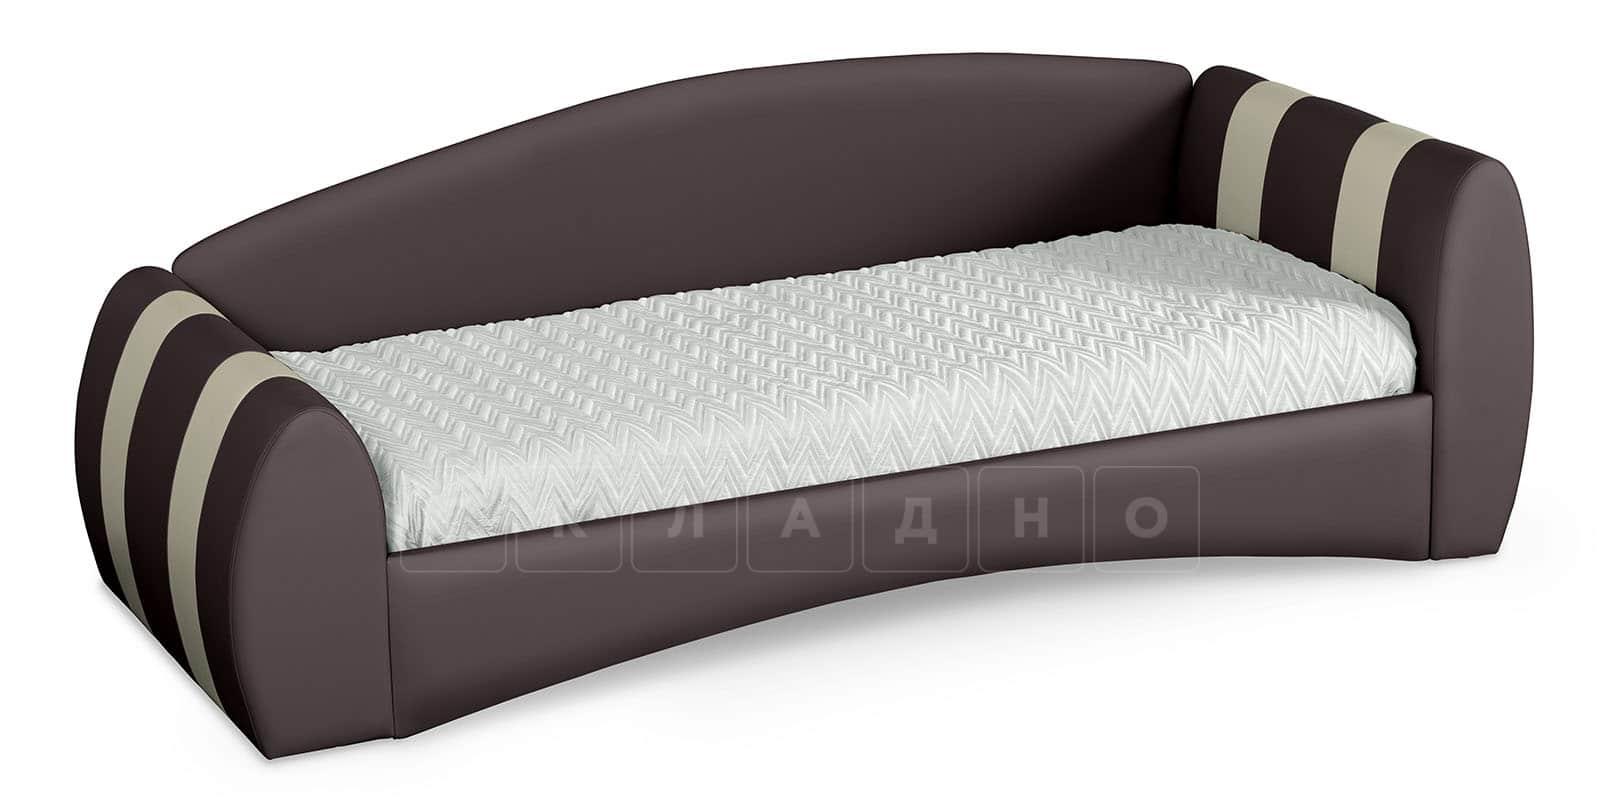 Мягкая кровать Монако 90х190см шоколадного цвета правая фото 2 | интернет-магазин Складно